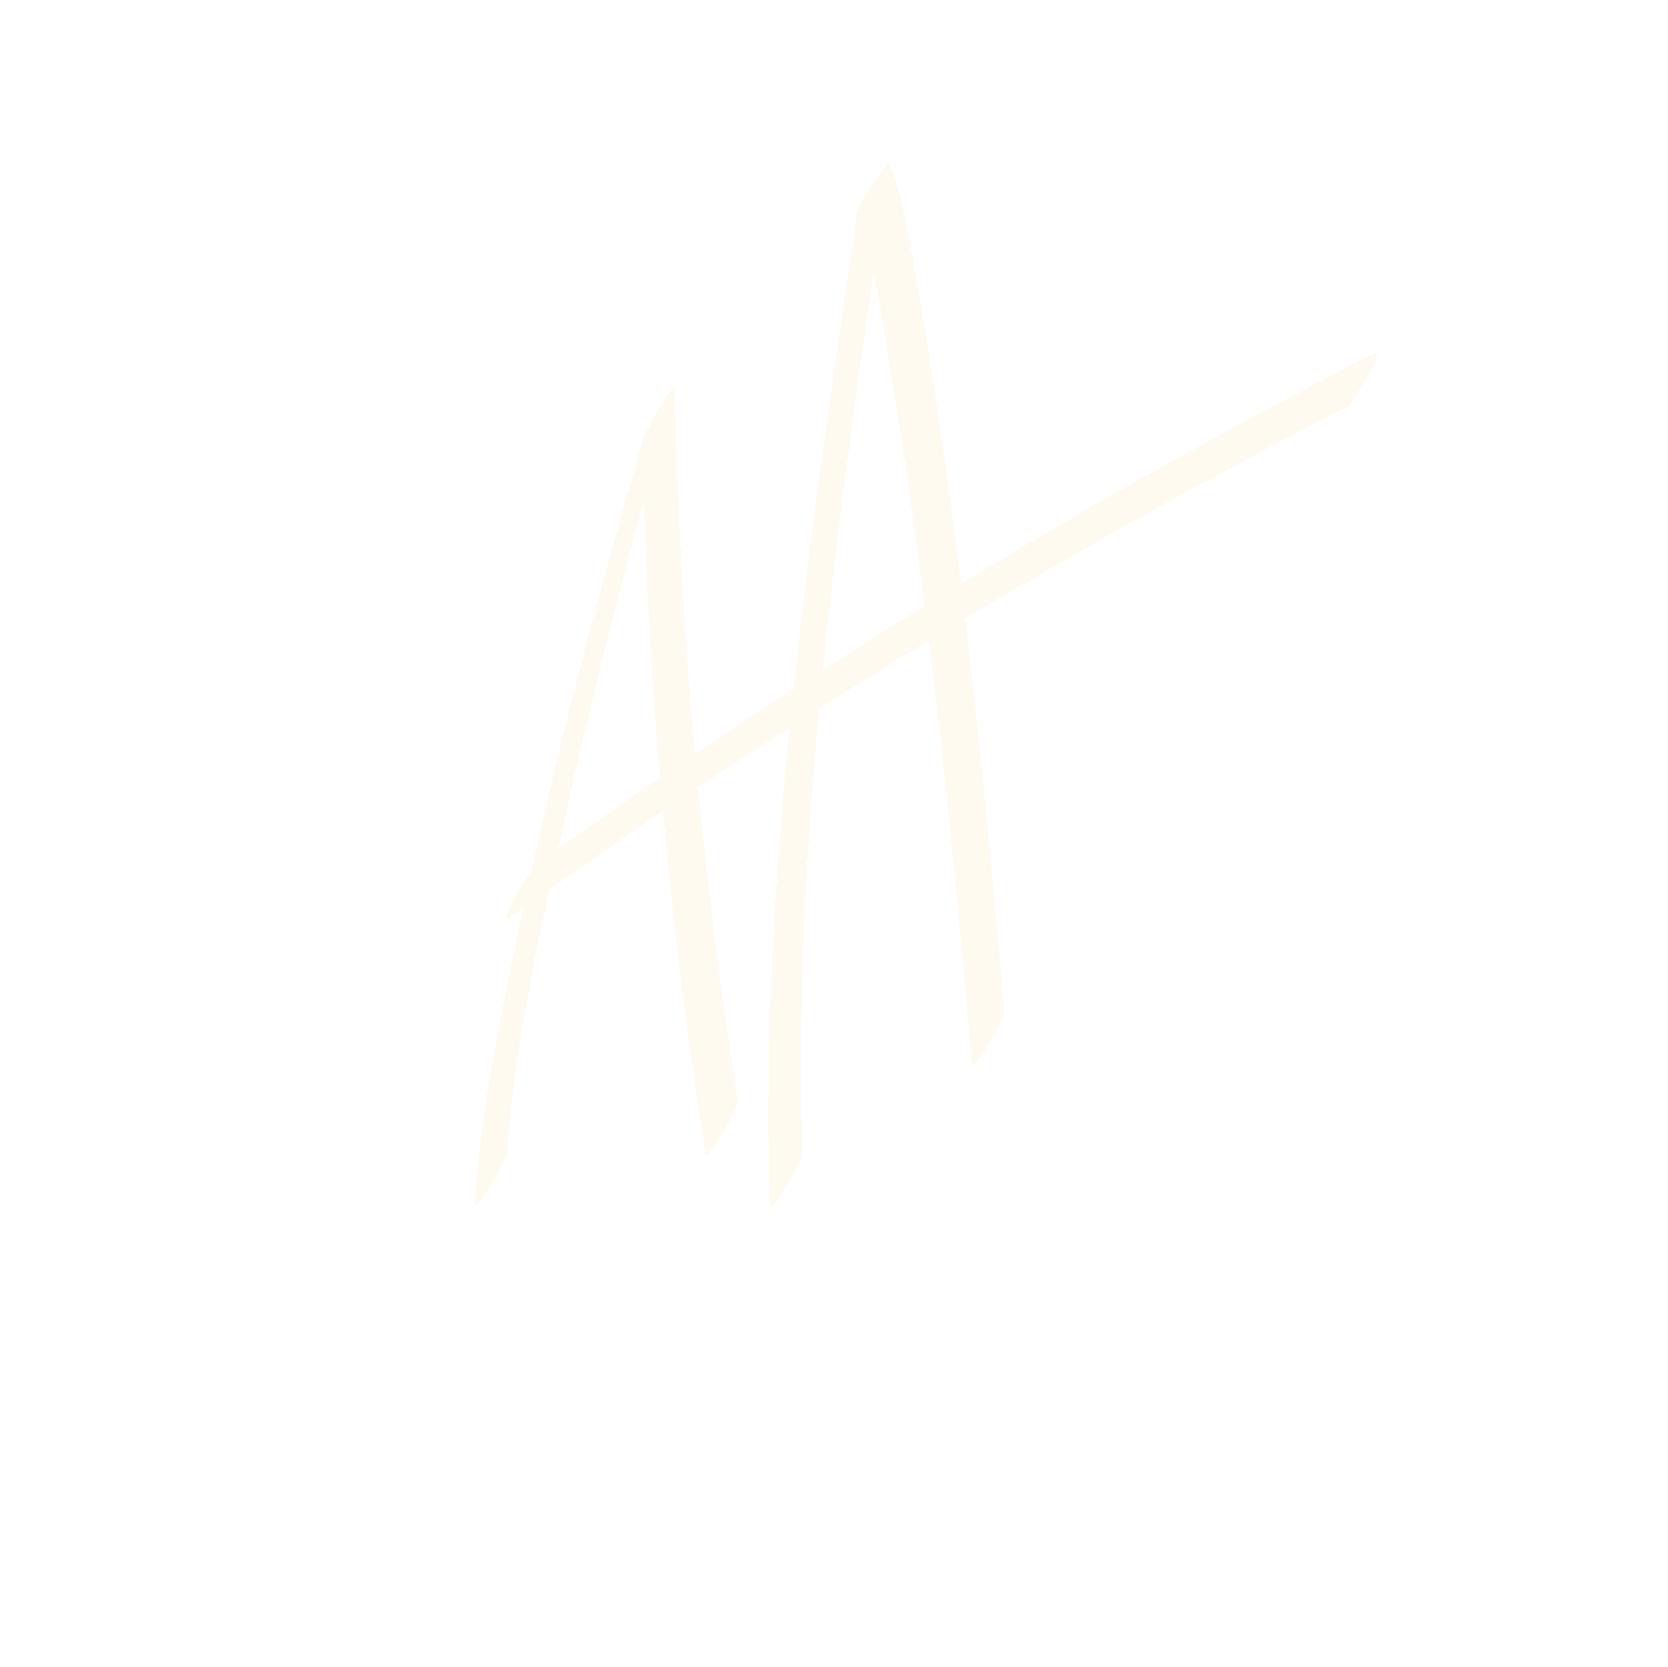 Astrid Agerskov